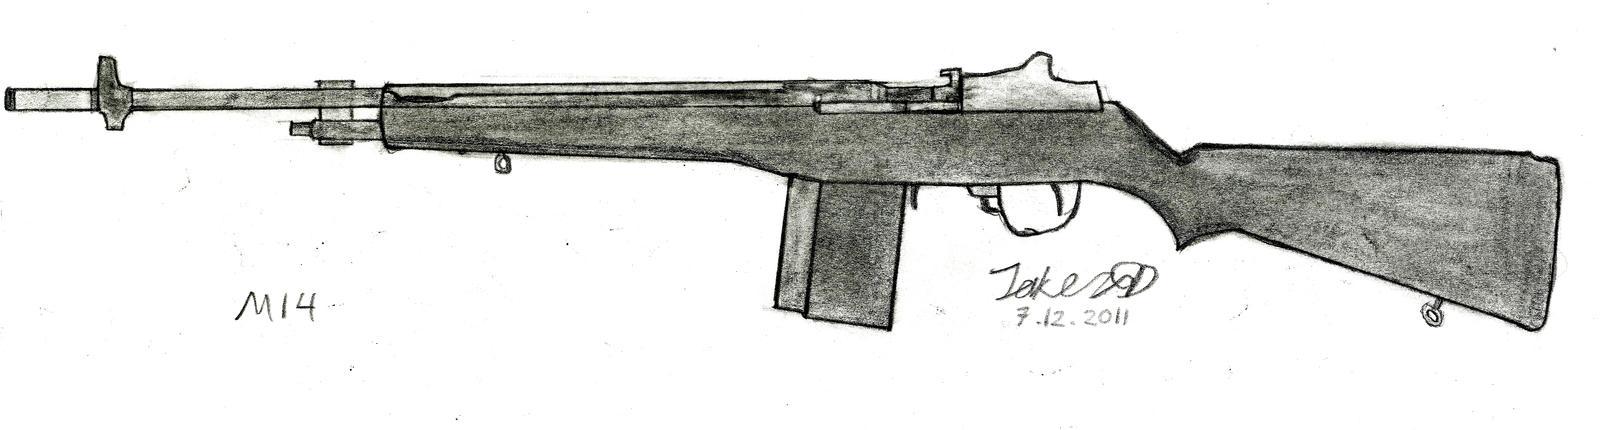 M14 Rifle by JakezuGD  M14 Rifle Wallpaper